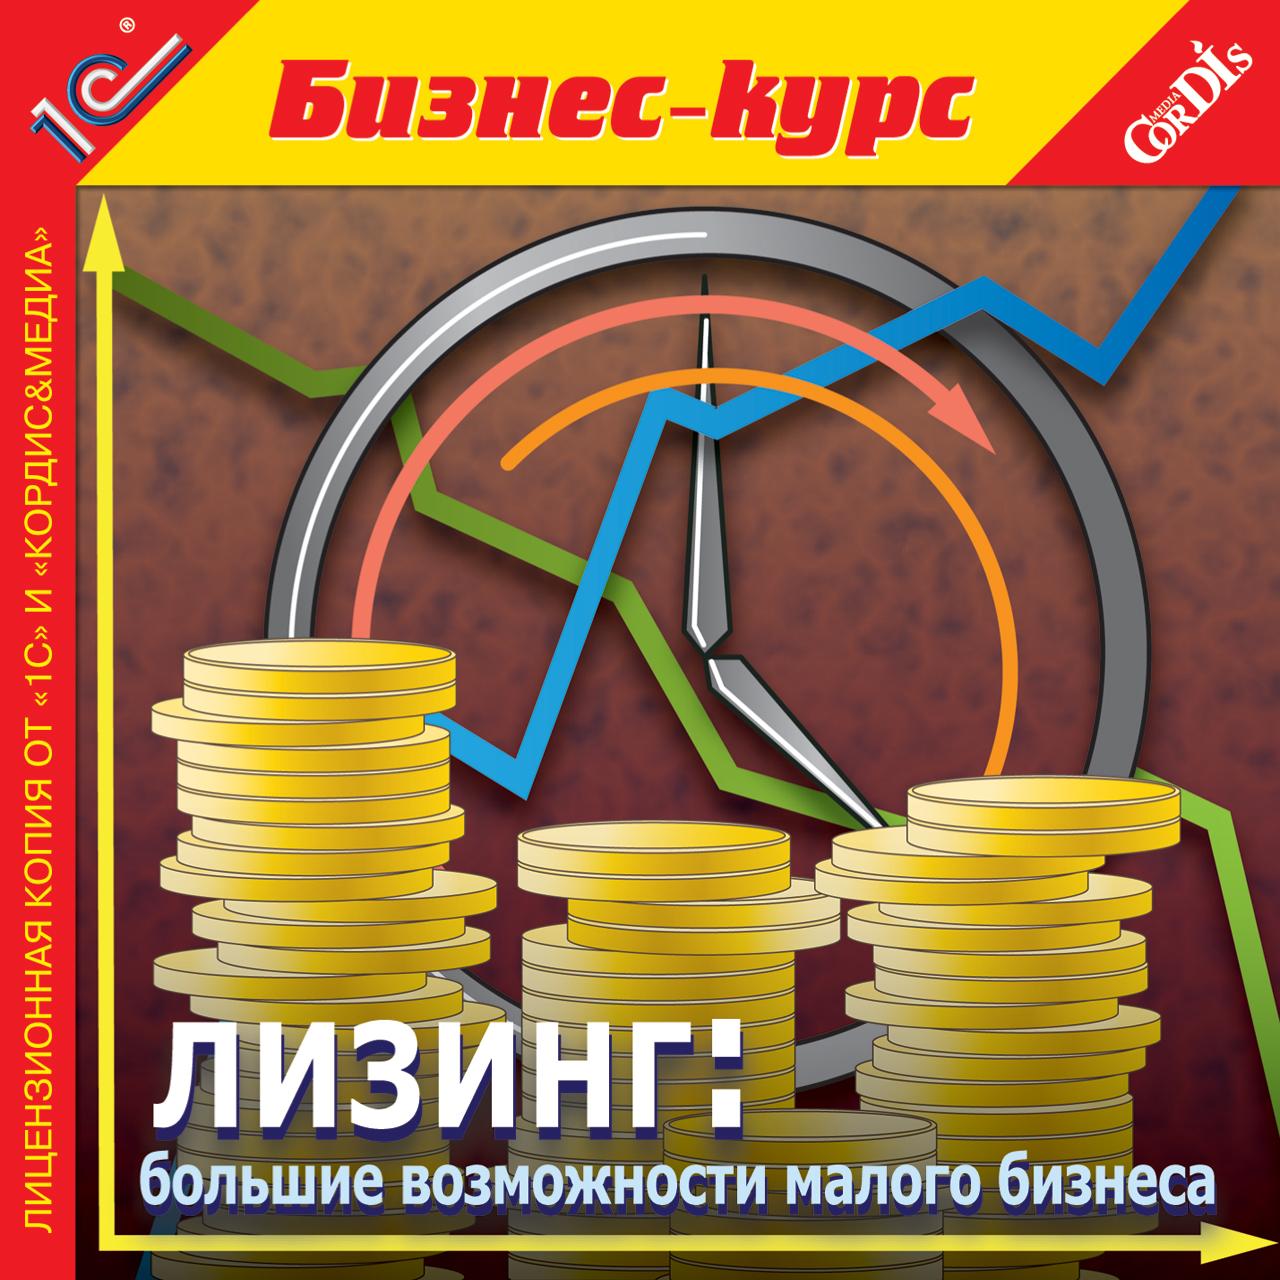 Лизинг: большие возможности малого бизнеса лизинг большие возможности малого бизнеса cdpc